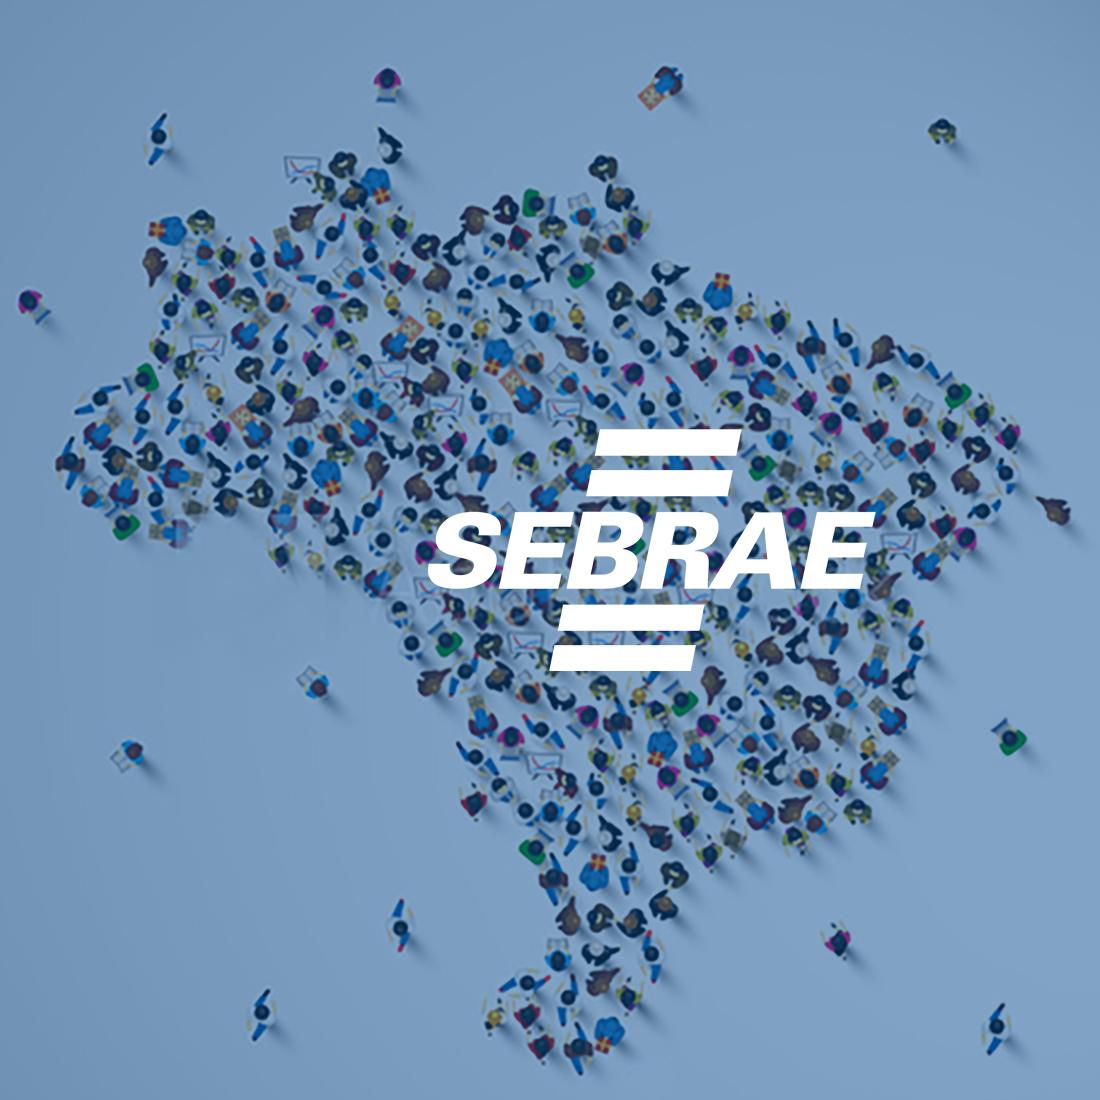 O sistema Sebrae continuará lado a lado do seu público-alvo ao longo de mais essa travessia